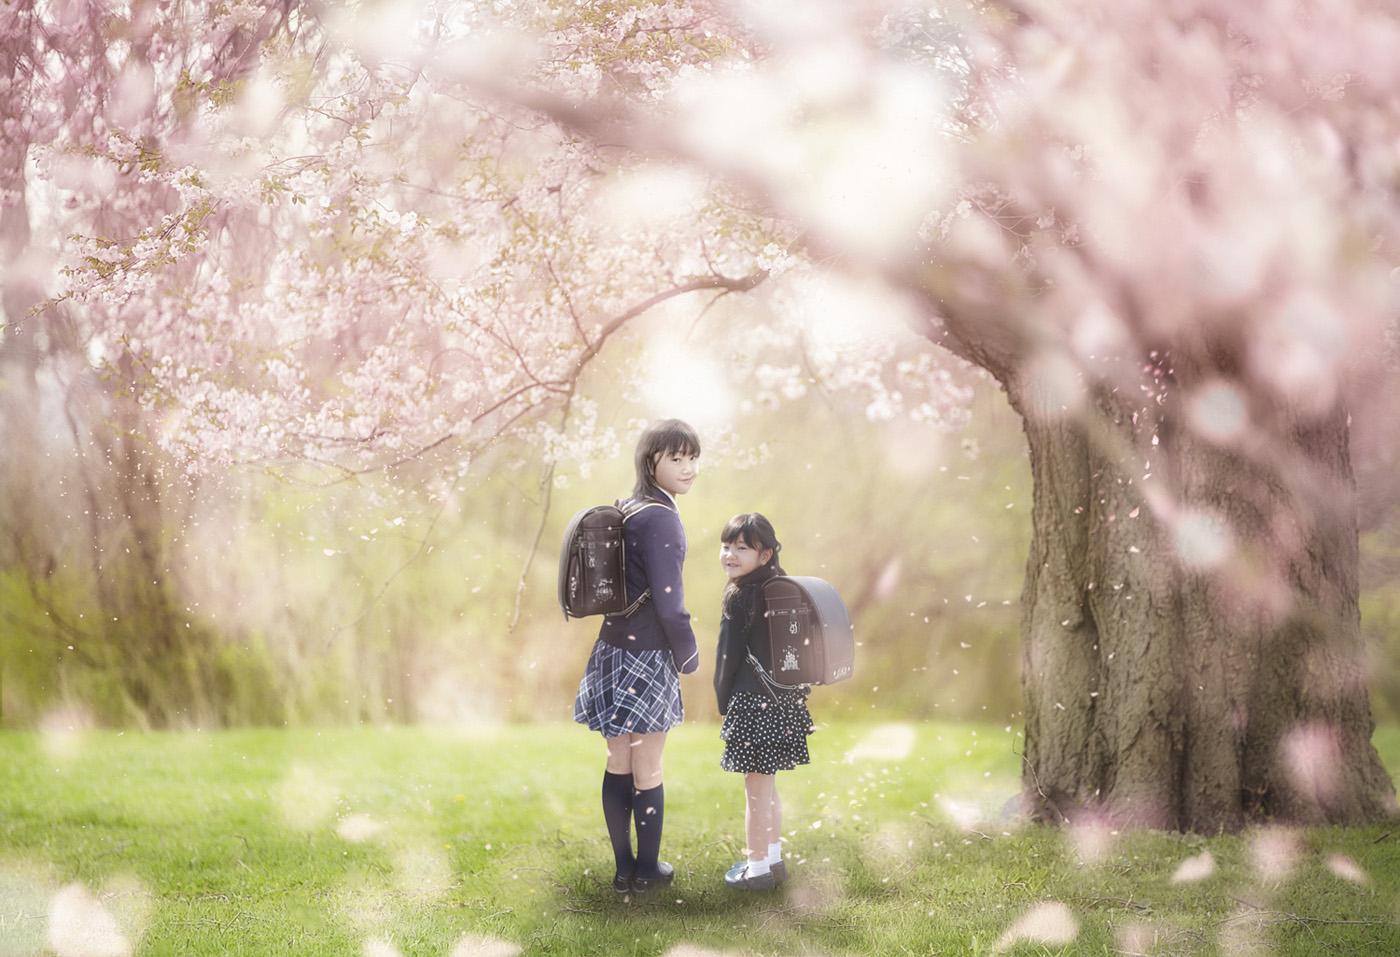 桜の木の下プレミアムフォトアート